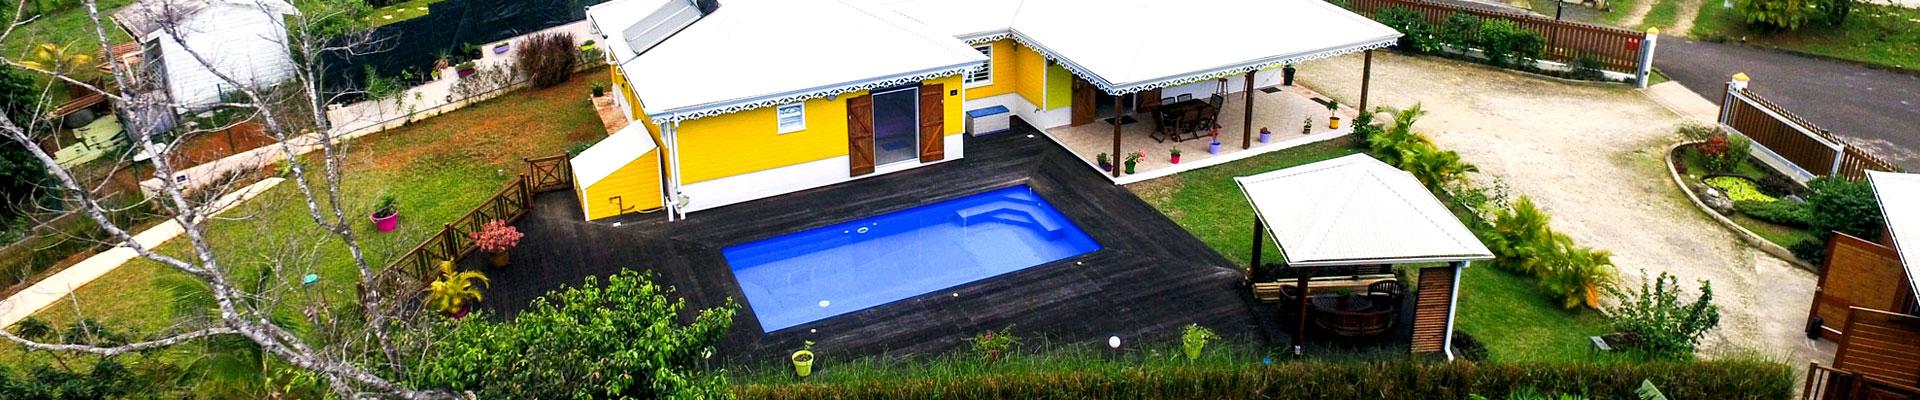 photo drone maison guadeloupe